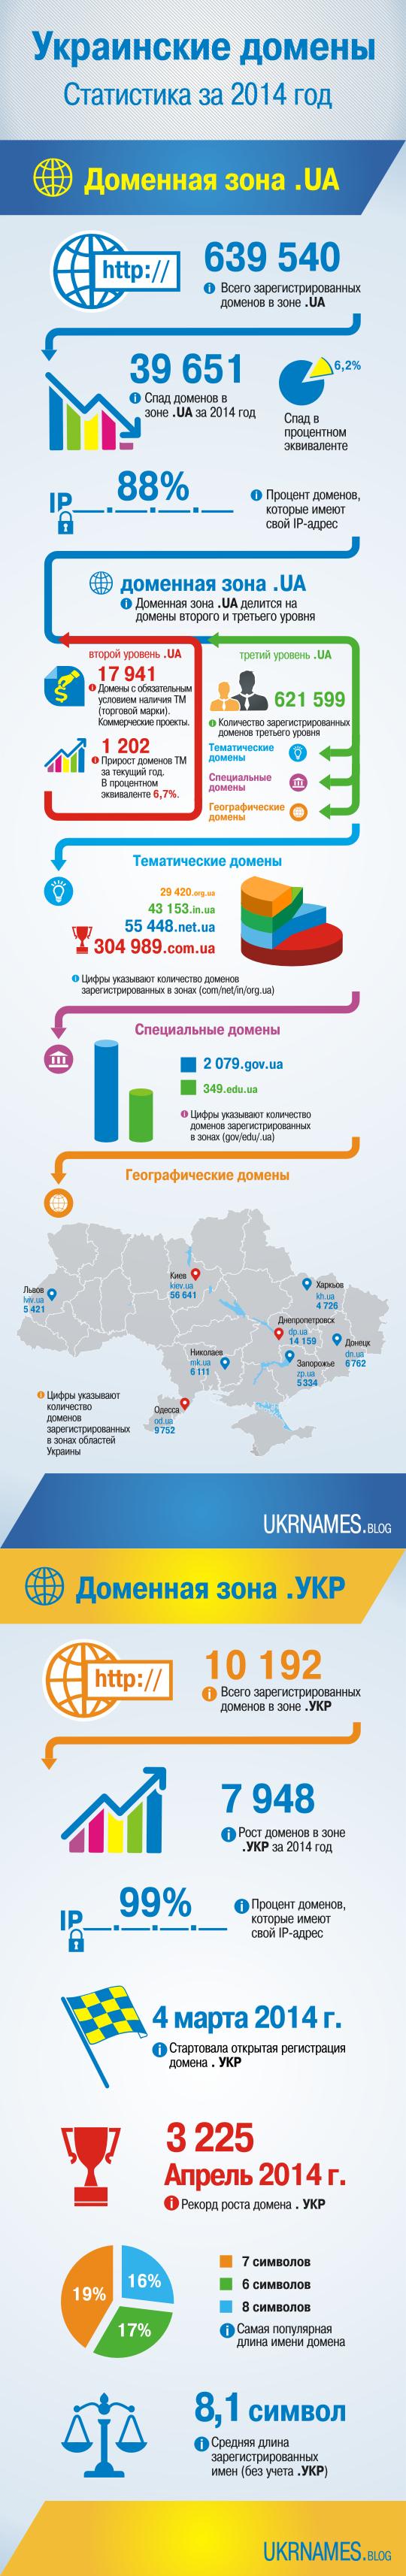 infographics_ukr_ua